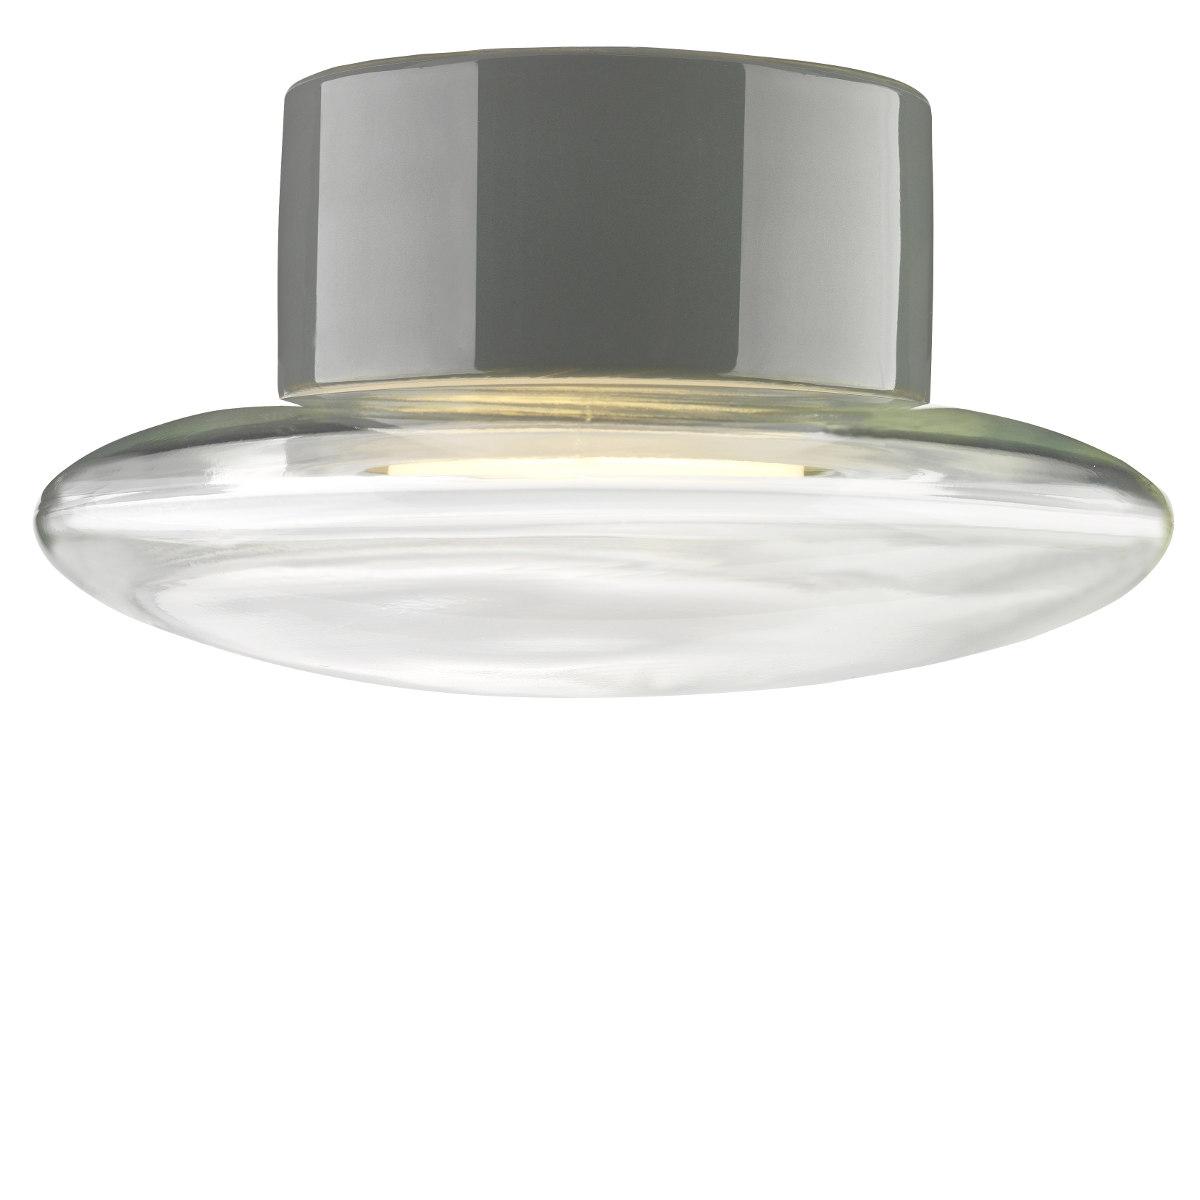 Plafonnier moderne en c ramique lampe scandinave pour - Plafonnier pour salle de bain ...